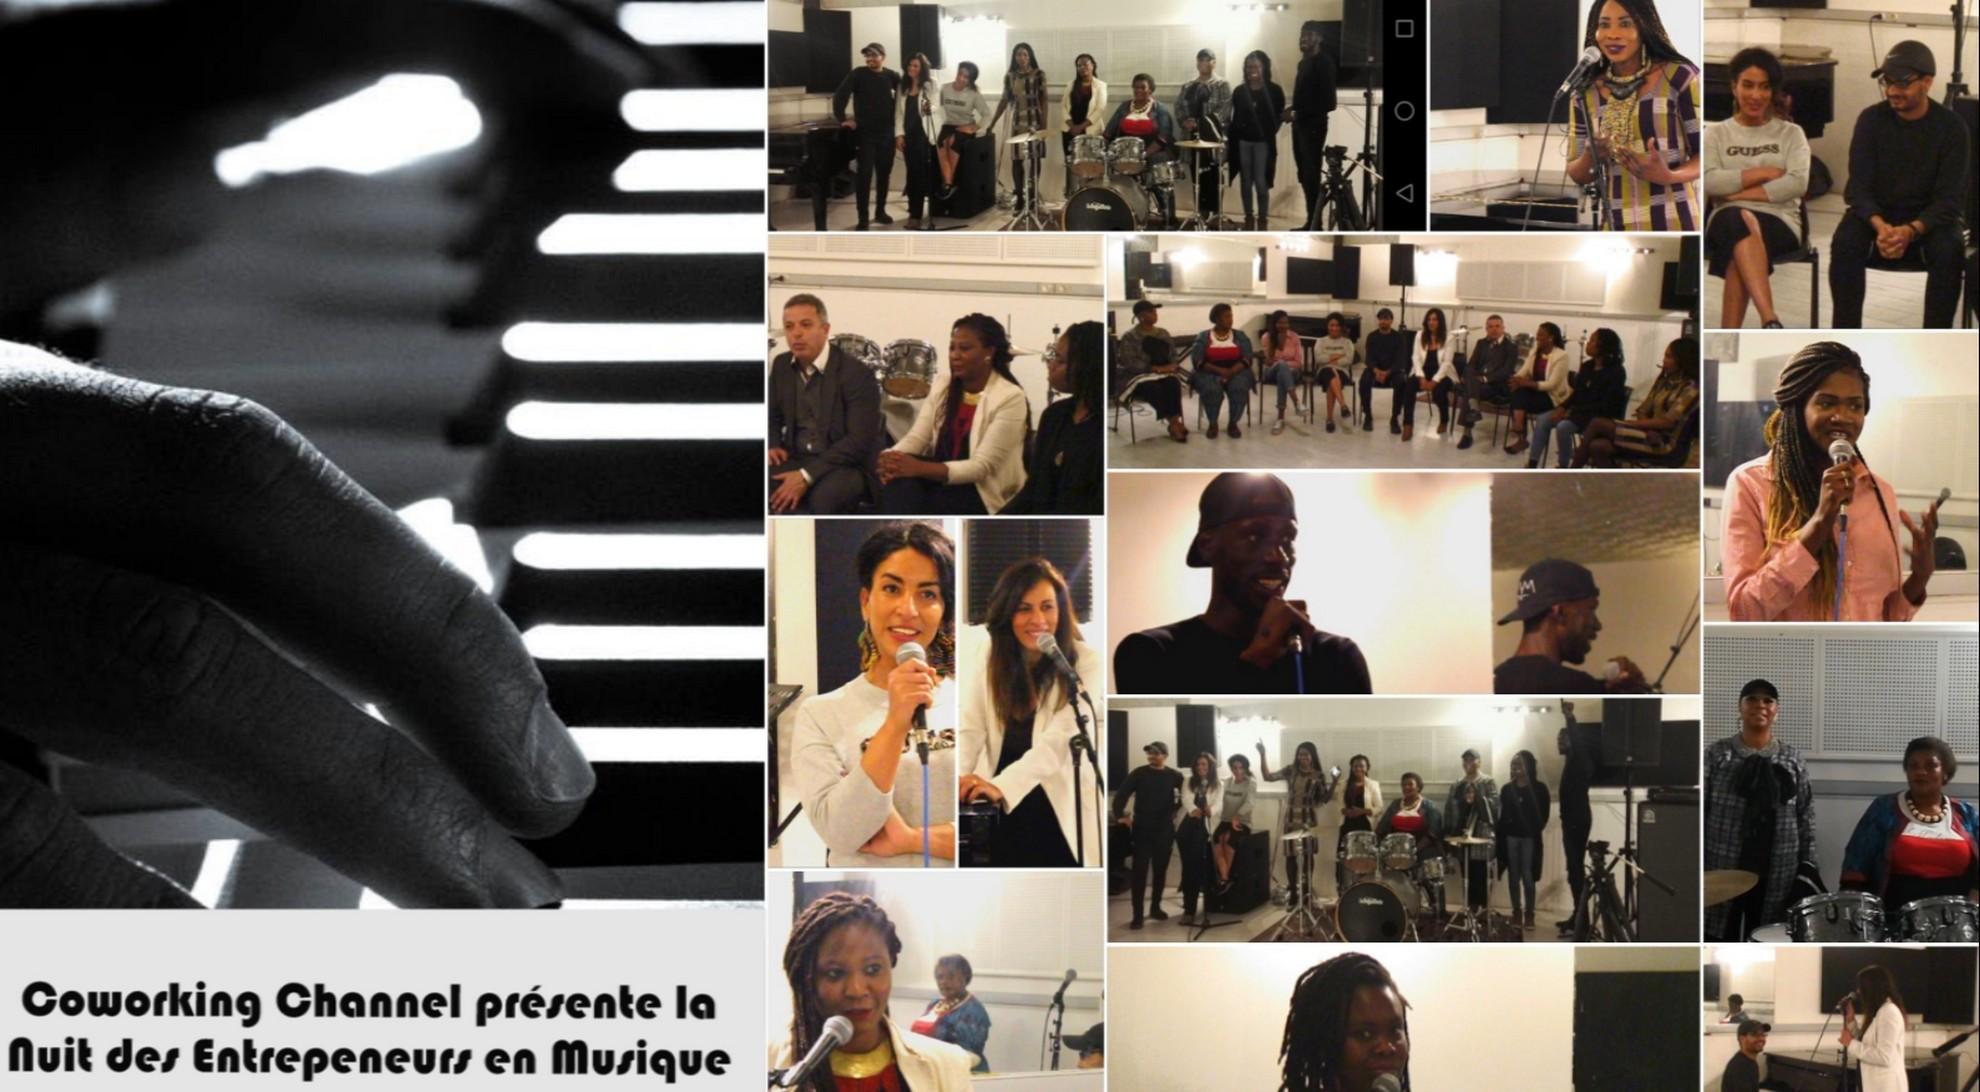 Nuit-Entrepreneur-Musique-Coworking-Channel